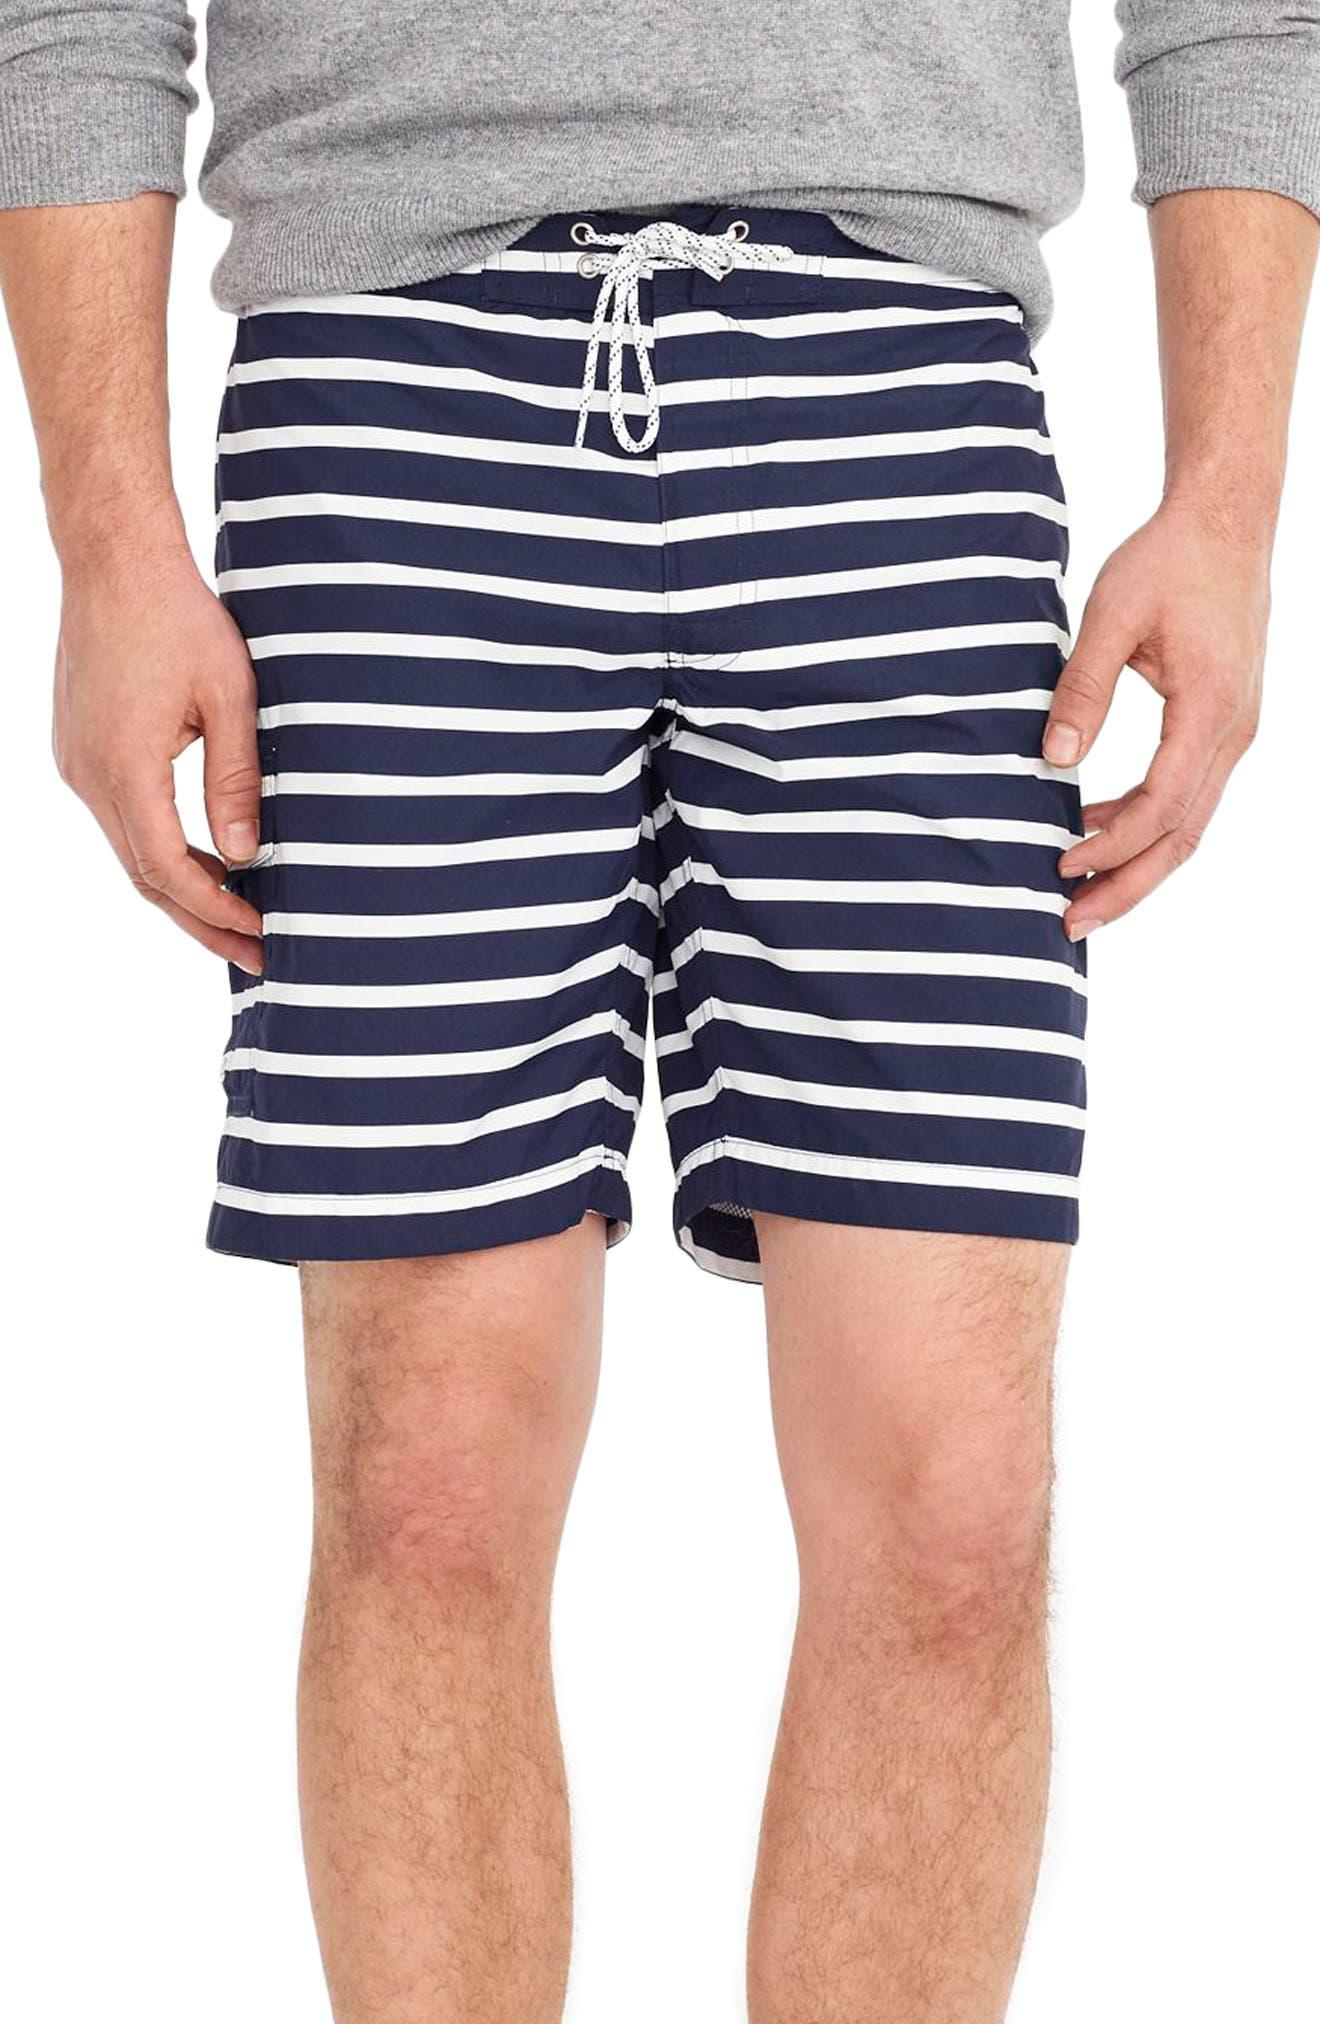 J.Crew Stripe Swim Trunks,                         Main,                         color, Navy White